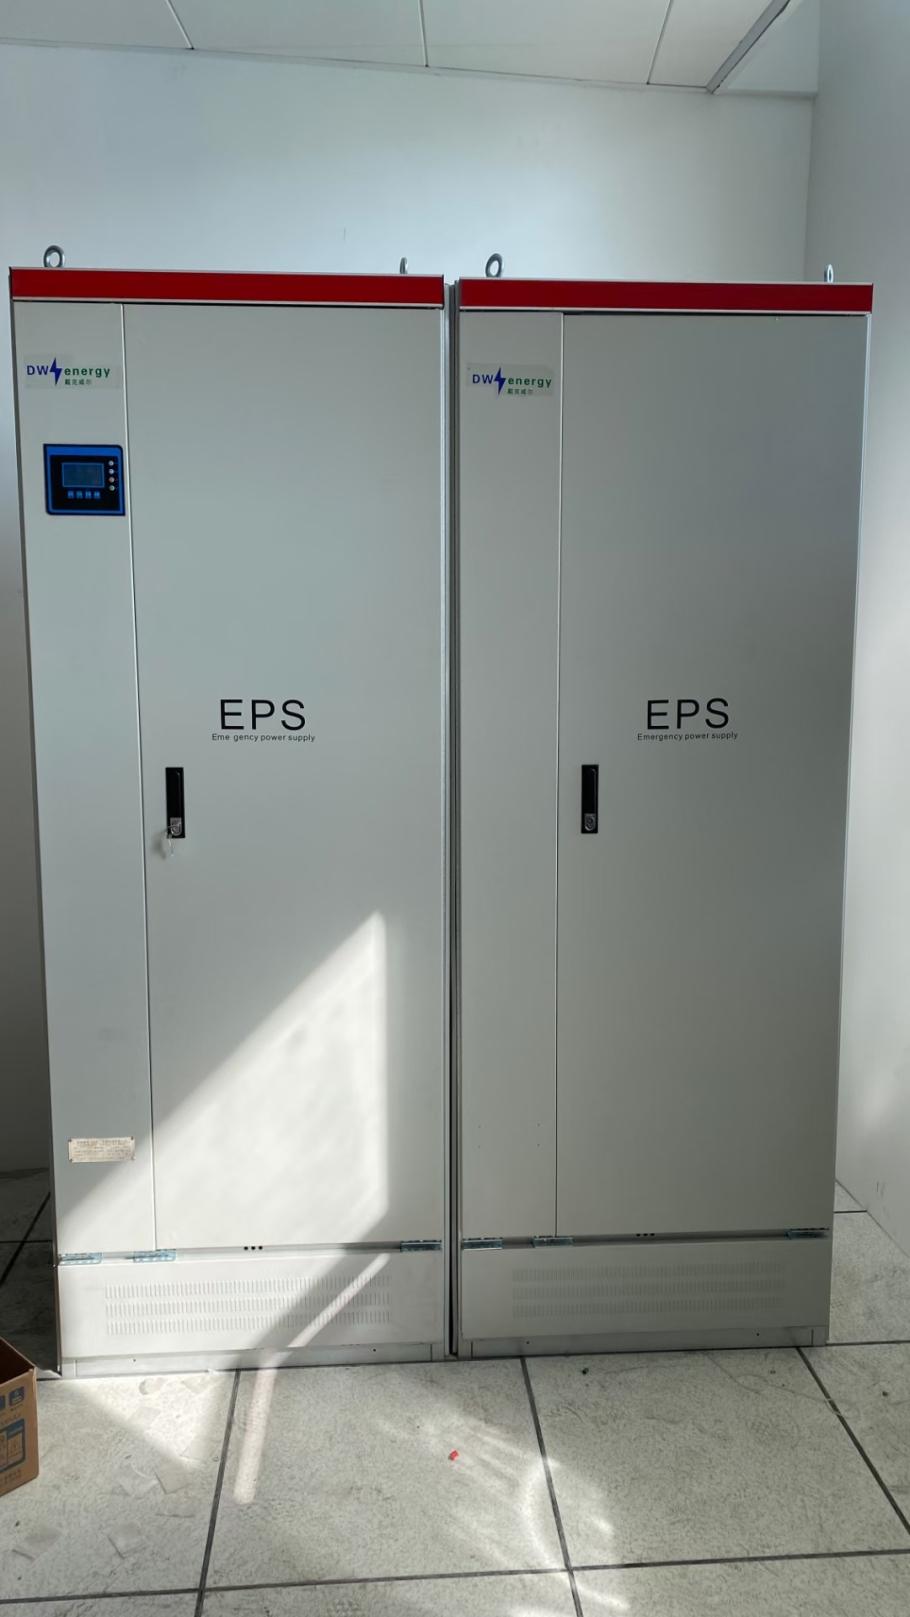 消防泵EPS应急电源18.5KW22KW37KW873125362